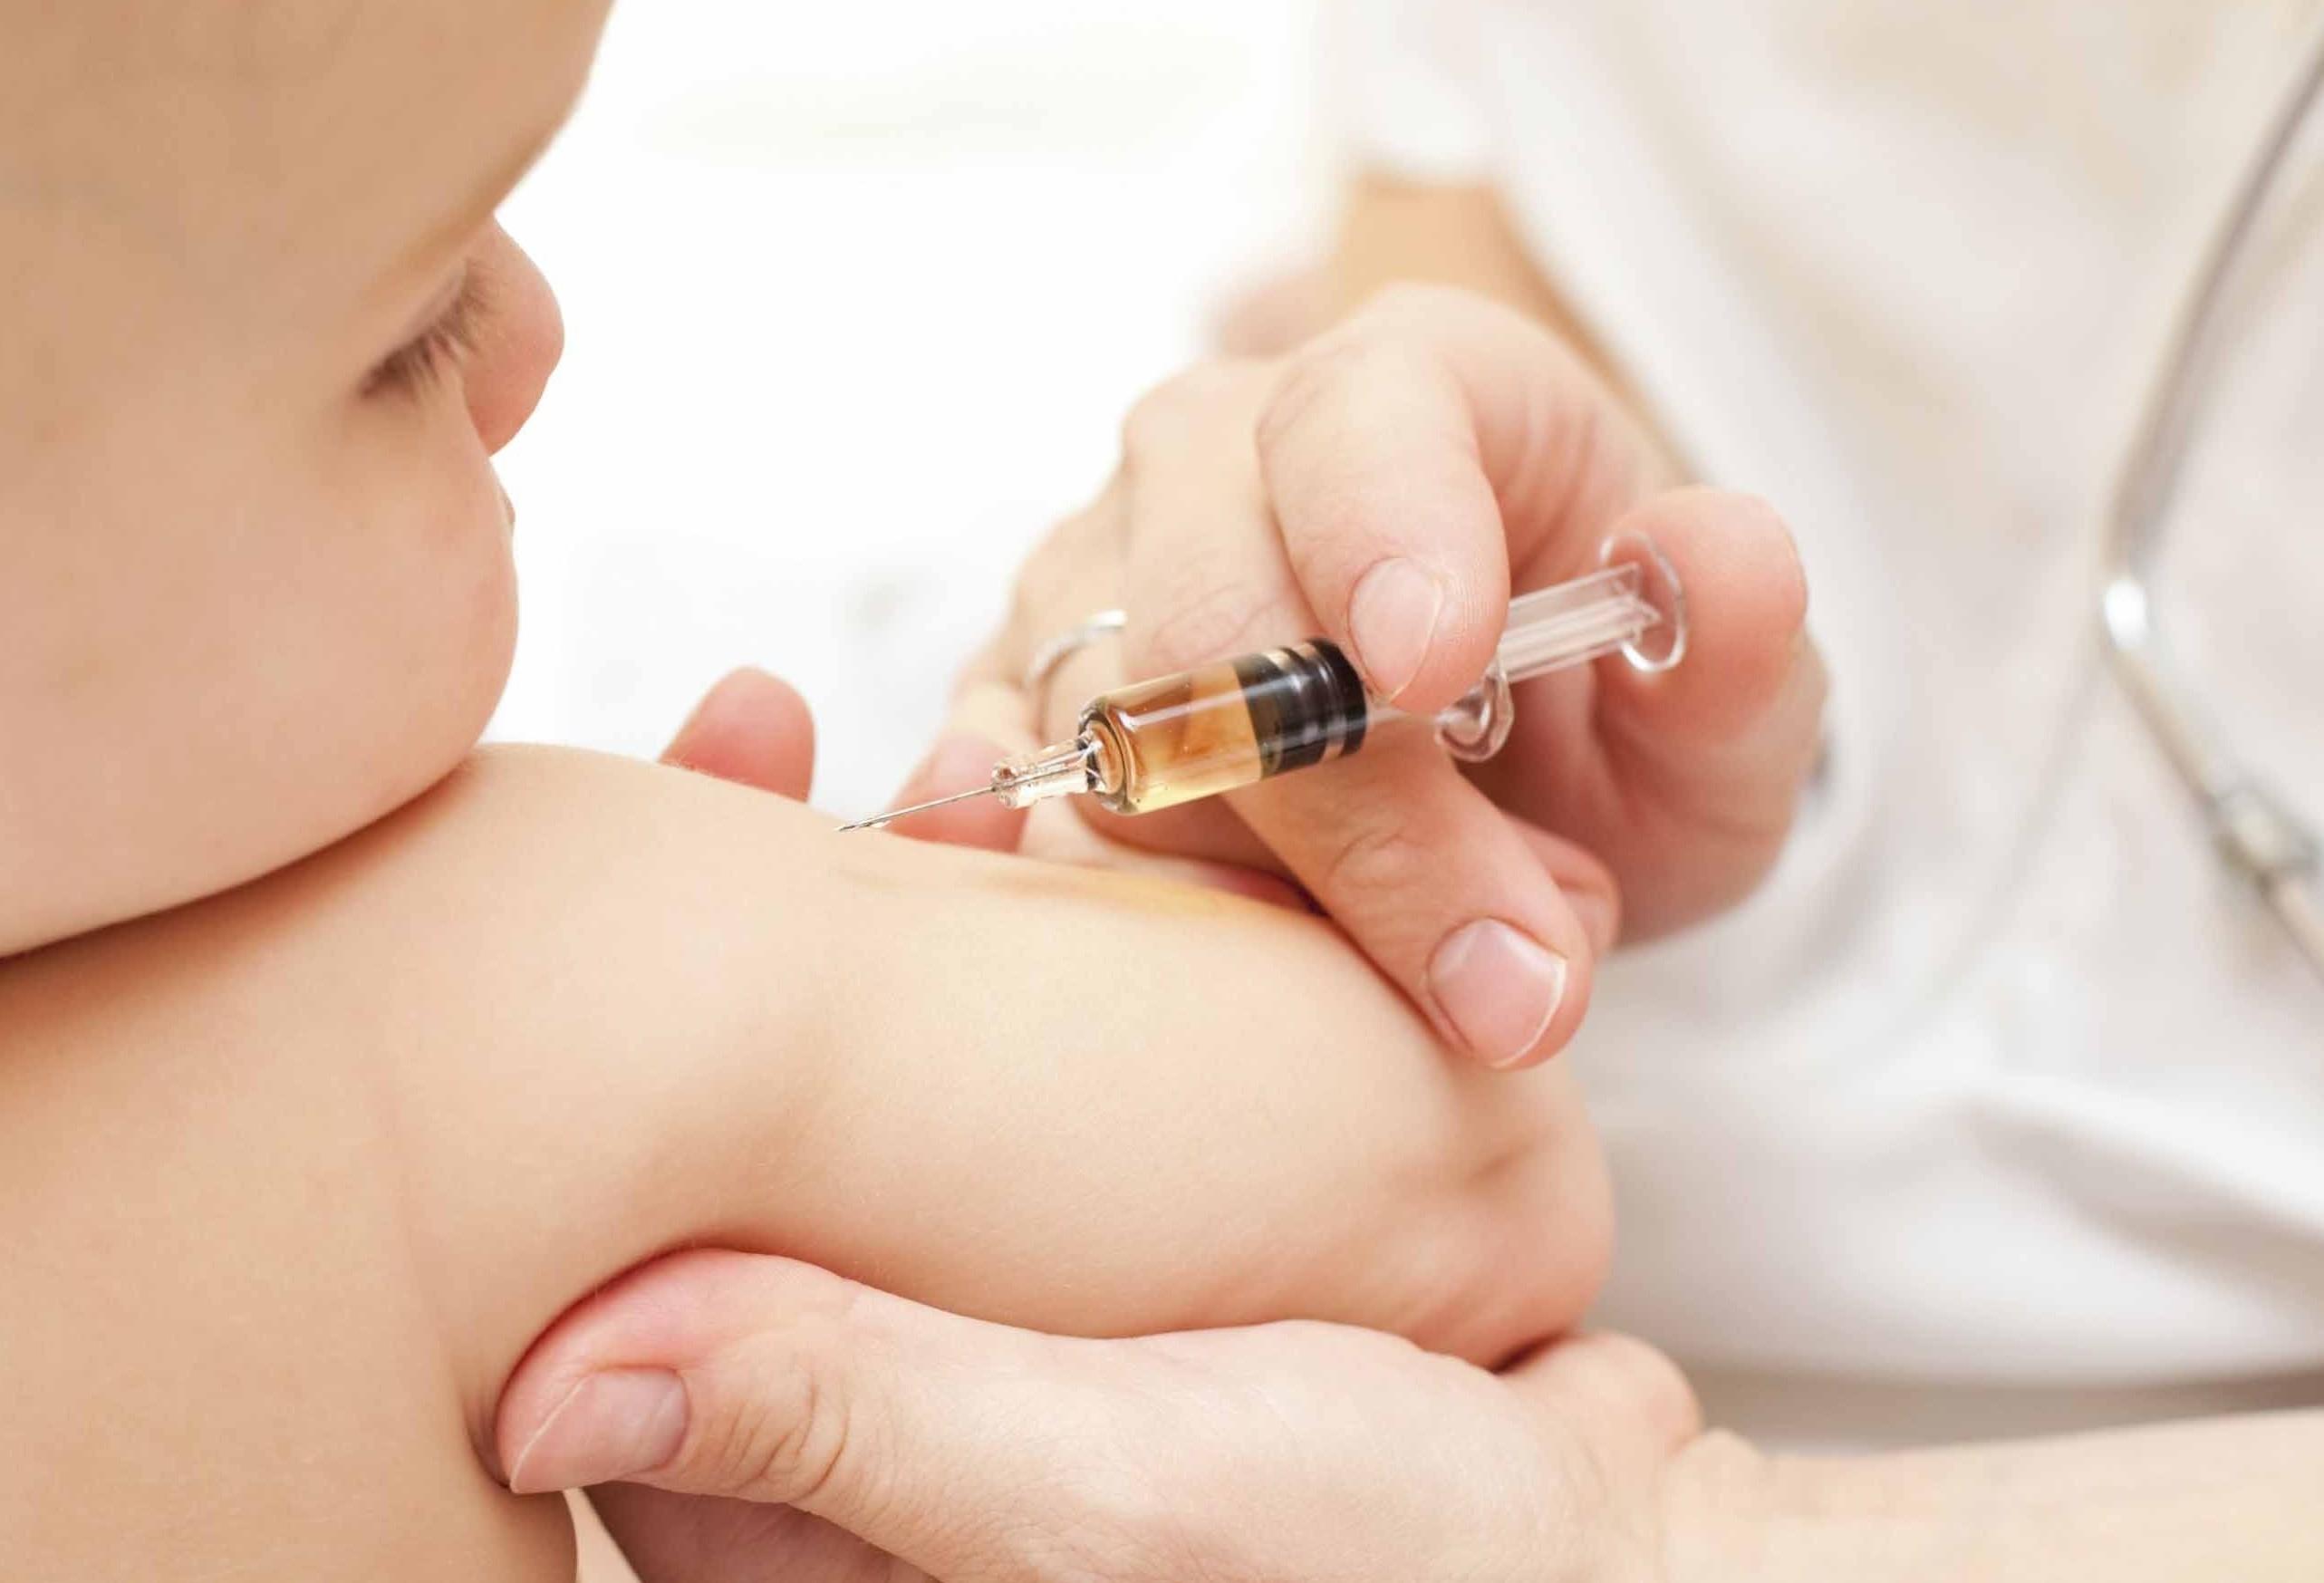 Vaccini non aumentano rischio di autismo, dice maxi studio